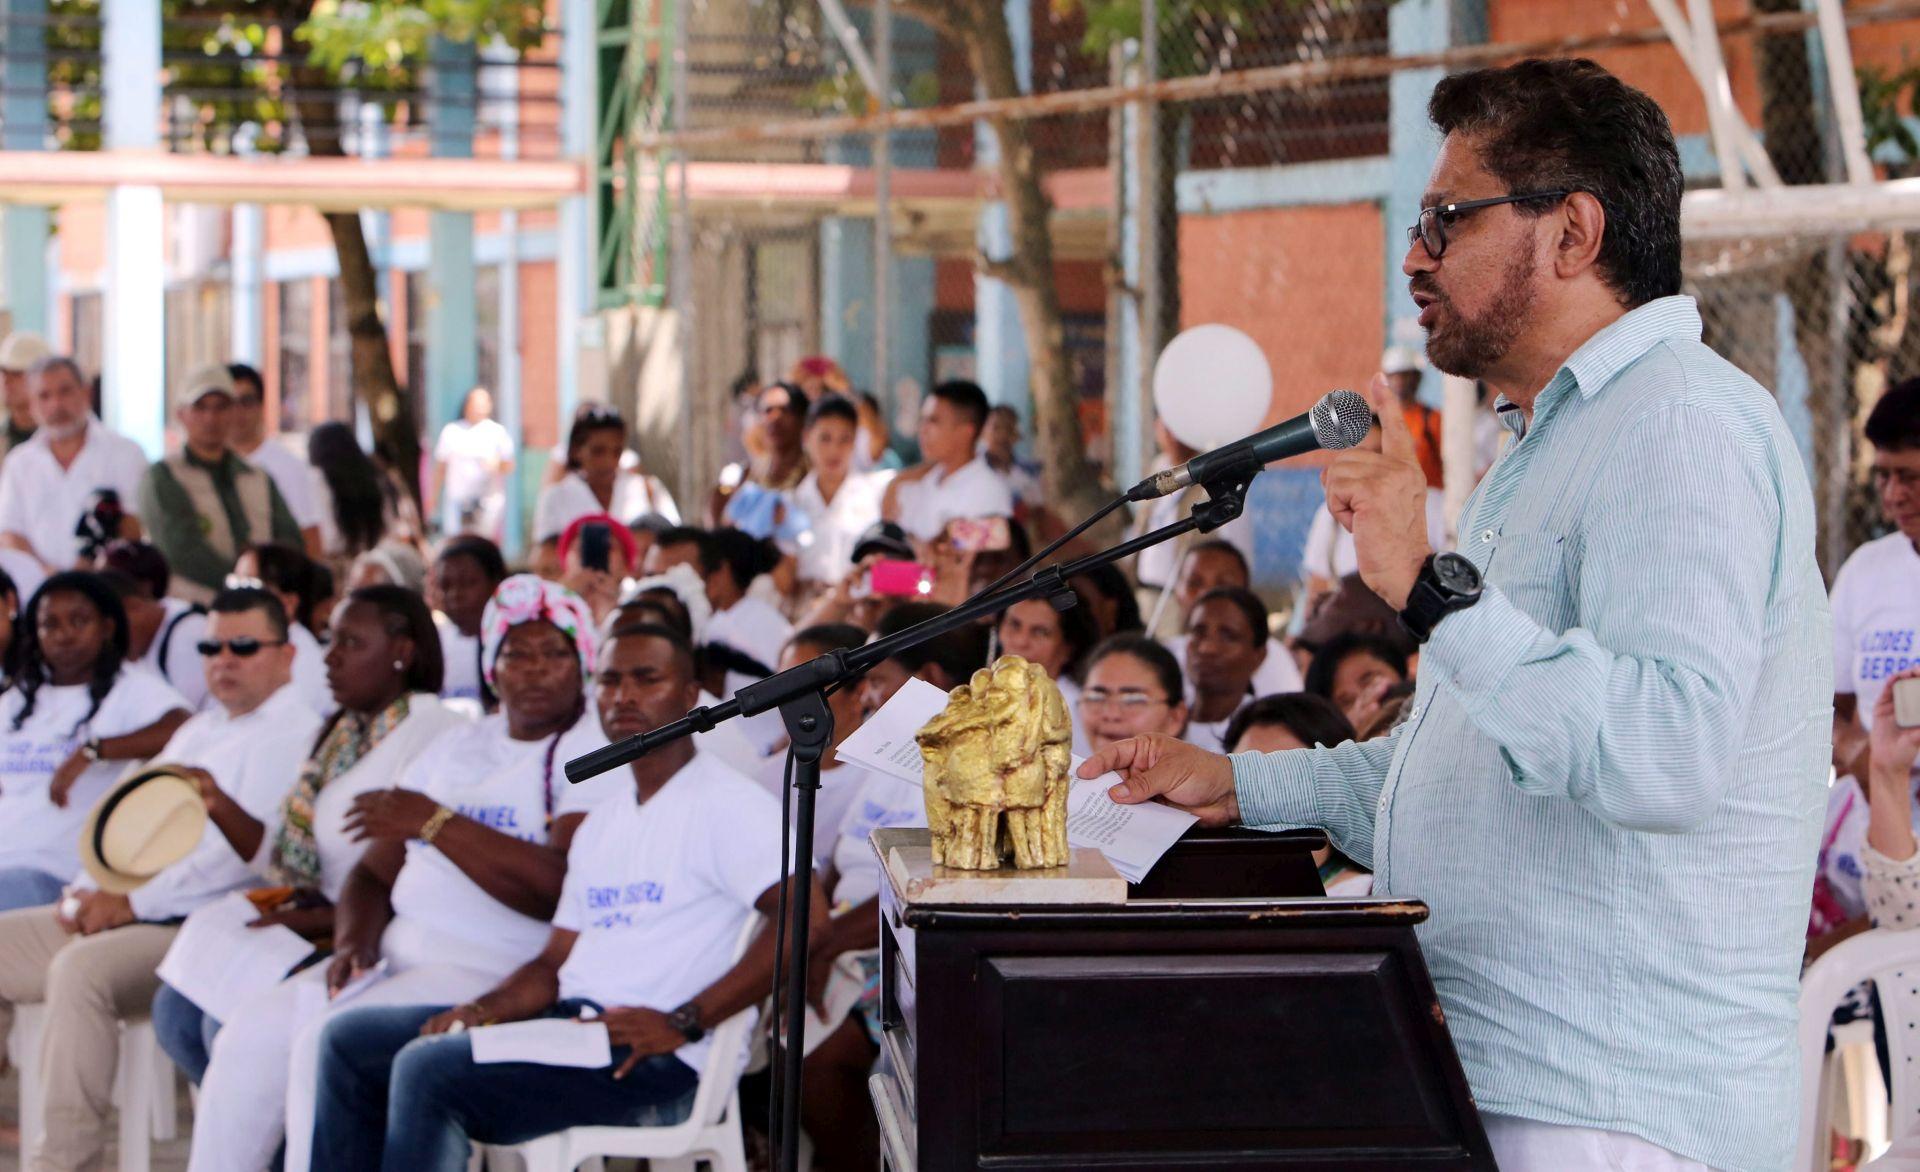 REFERENDUM Kolumbija u nedjelju odlučuje o povijesnom mirovnom sporazumu